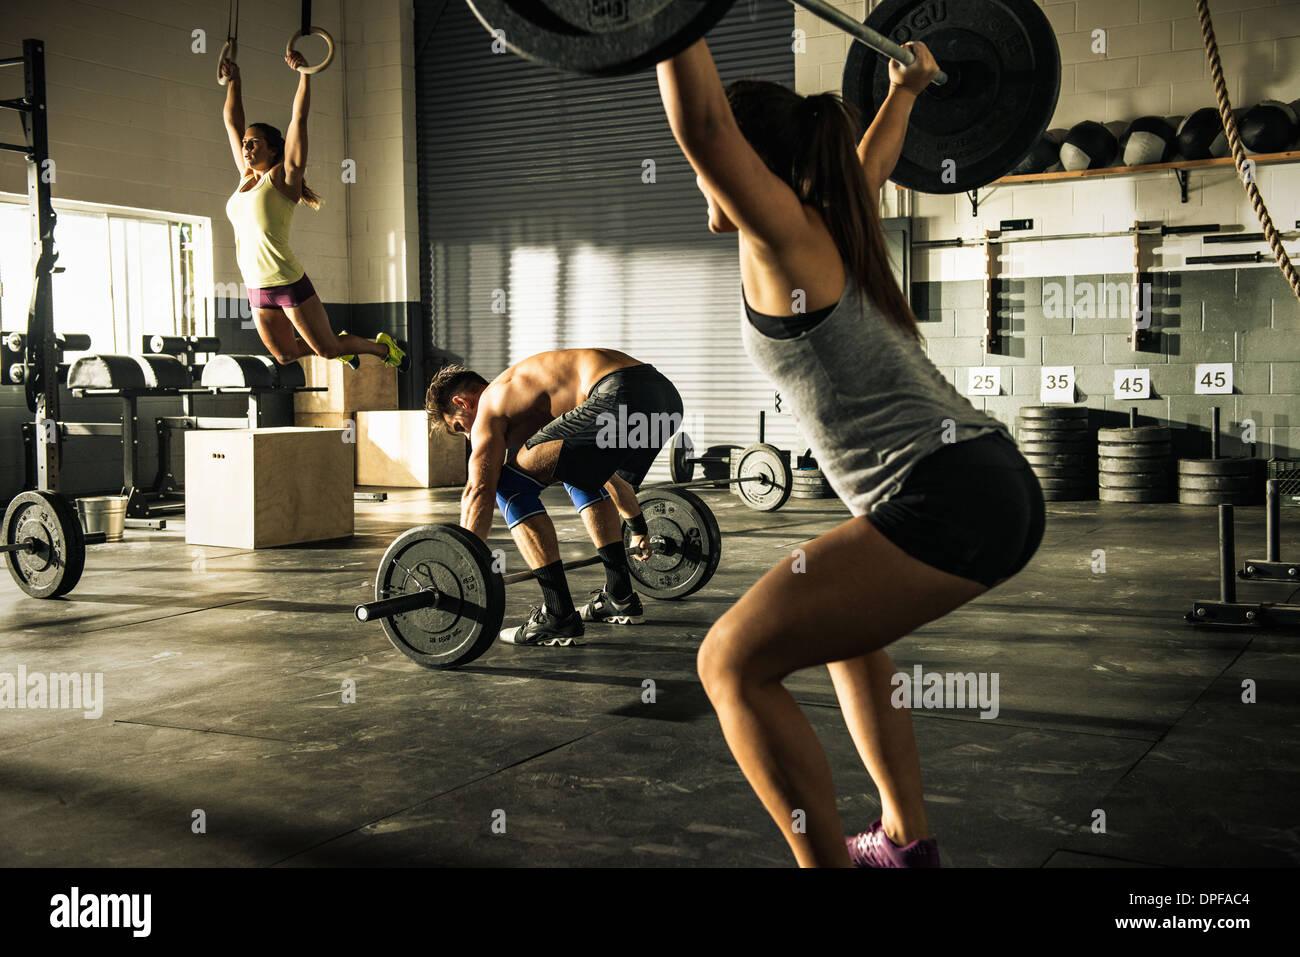 La formación de personas con barras y anillos de gimnasio Imagen De Stock